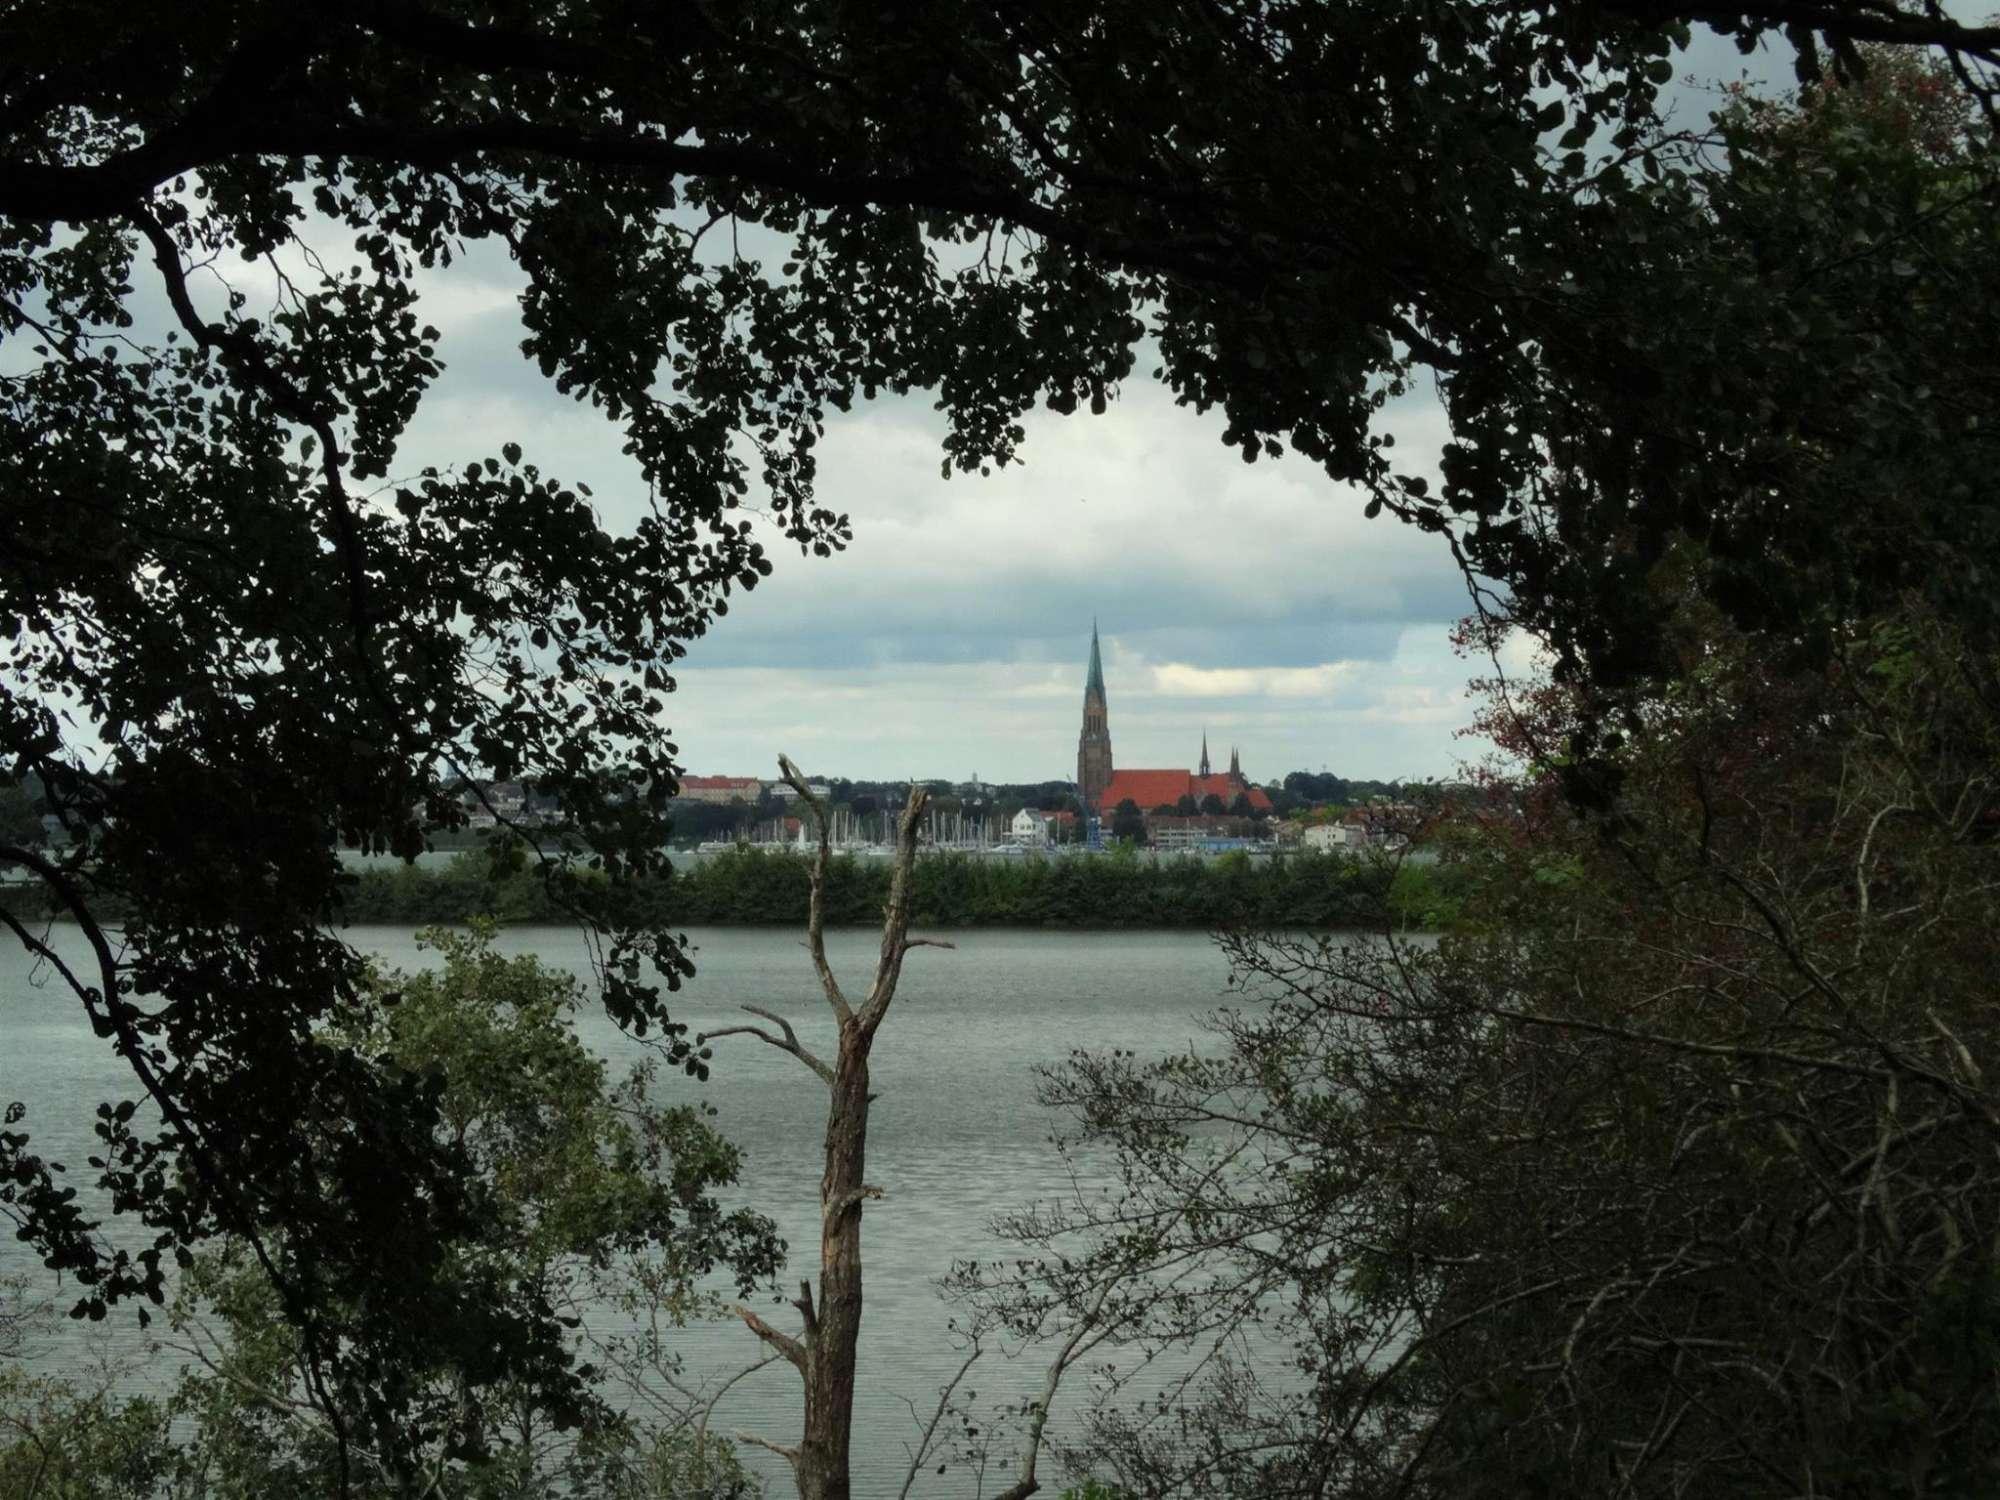 Urlaub an Ostsee und Schlei - Blick auf Schleswig